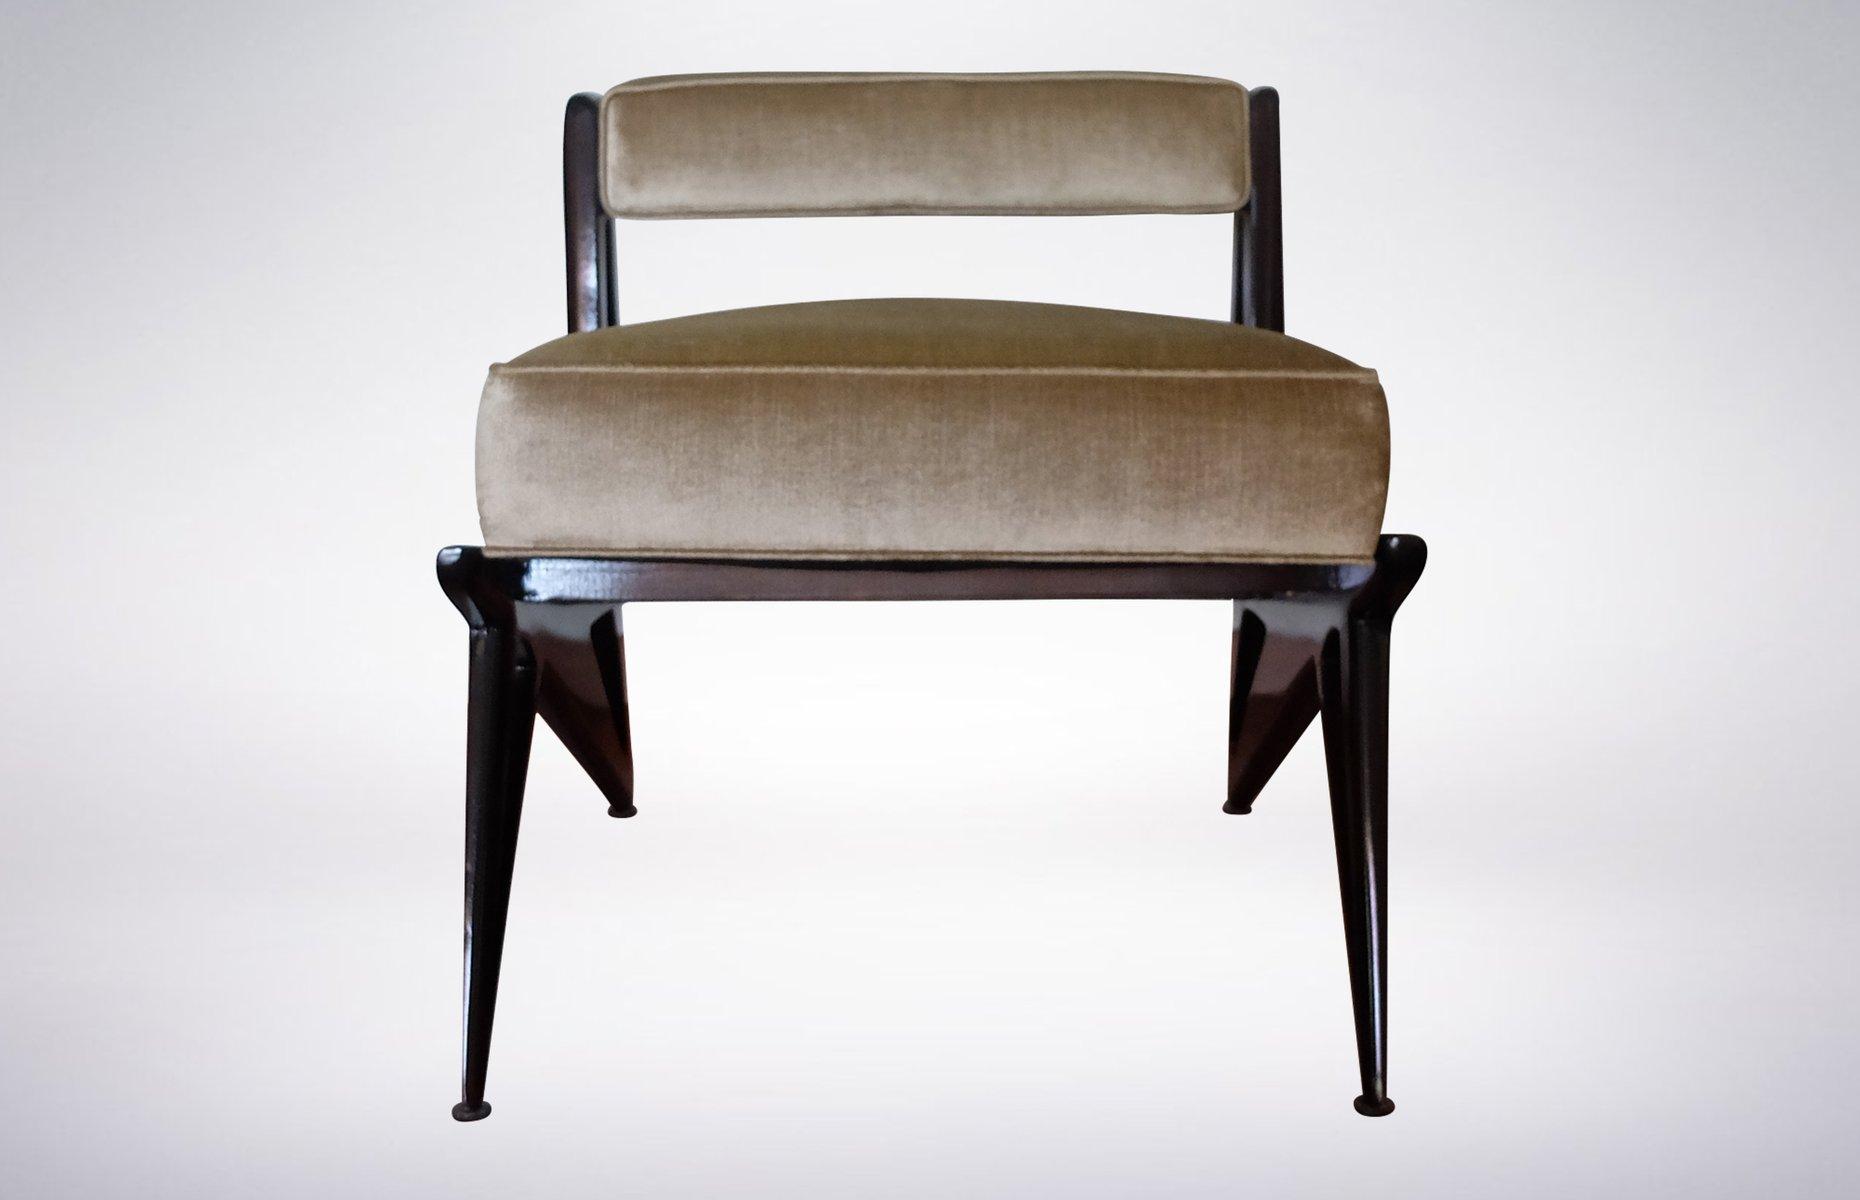 chaise d 39 appoint verte p le en cuir 1950s en vente sur pamono. Black Bedroom Furniture Sets. Home Design Ideas